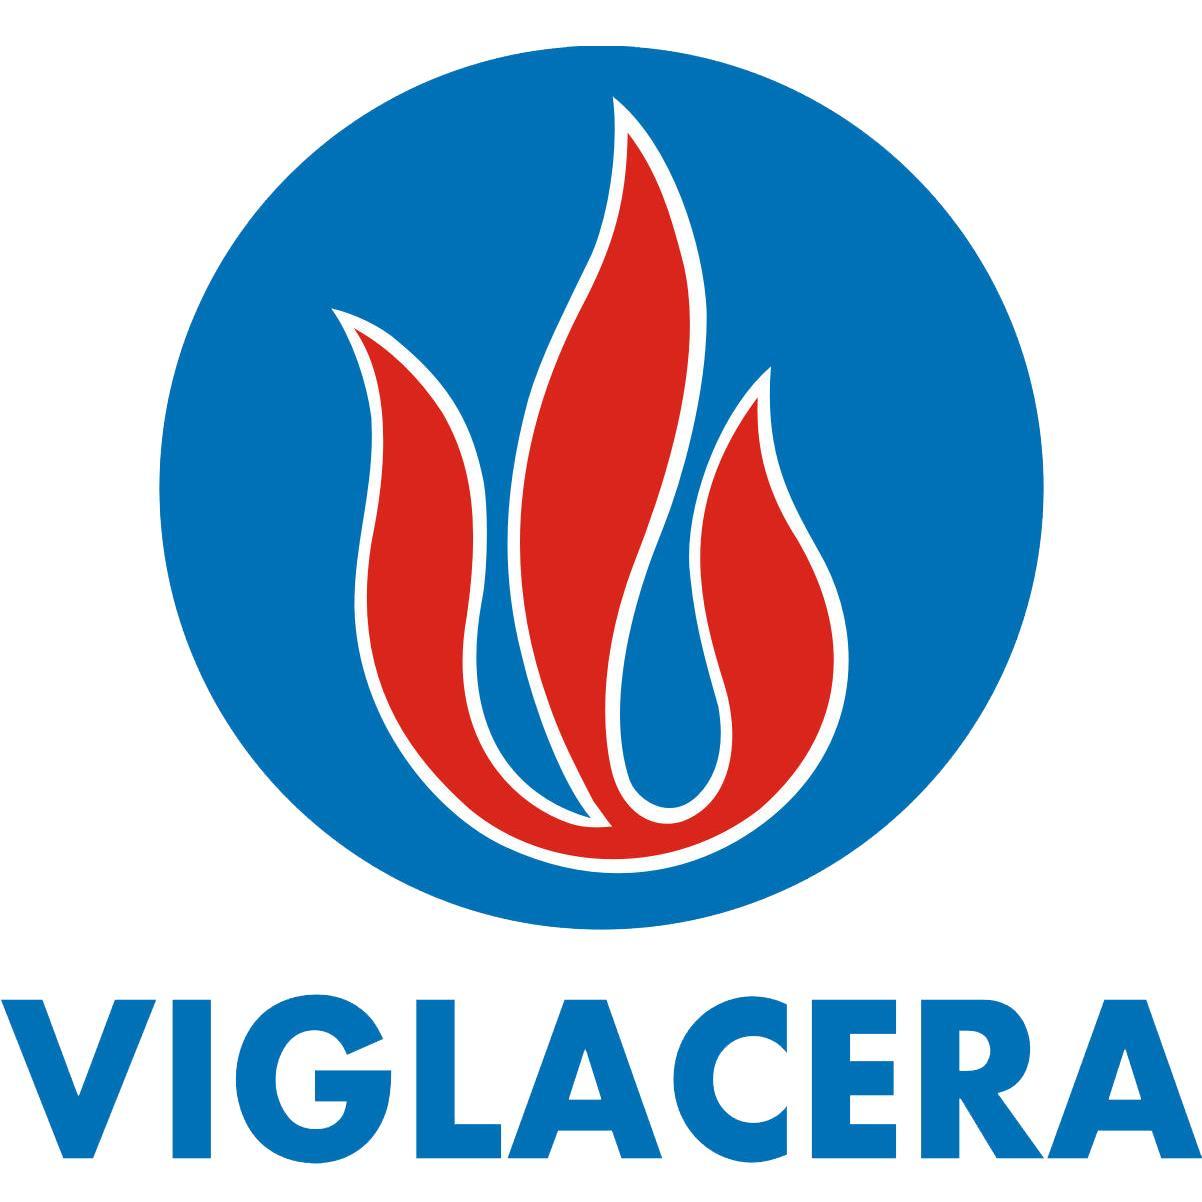 VGC: Quyết định chấp thuận niêm yết cổ phiếu lần đầu